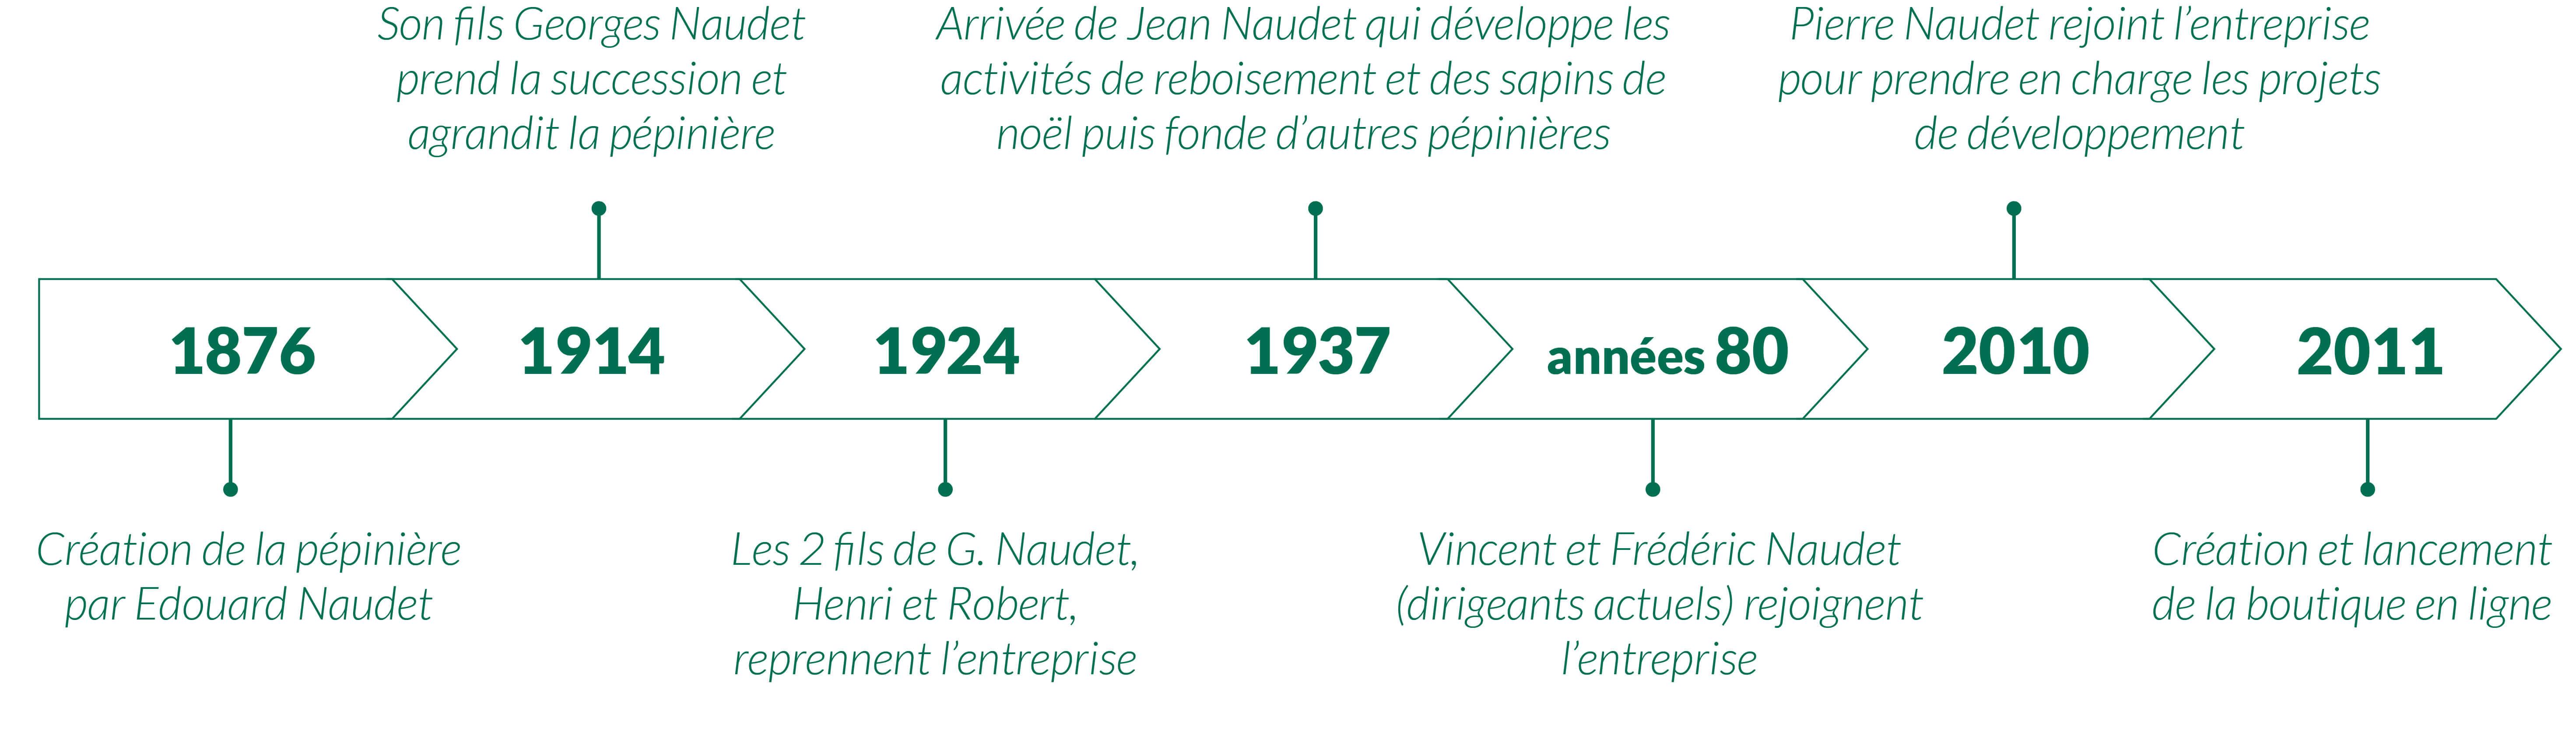 Historique des Pépinières Naudet